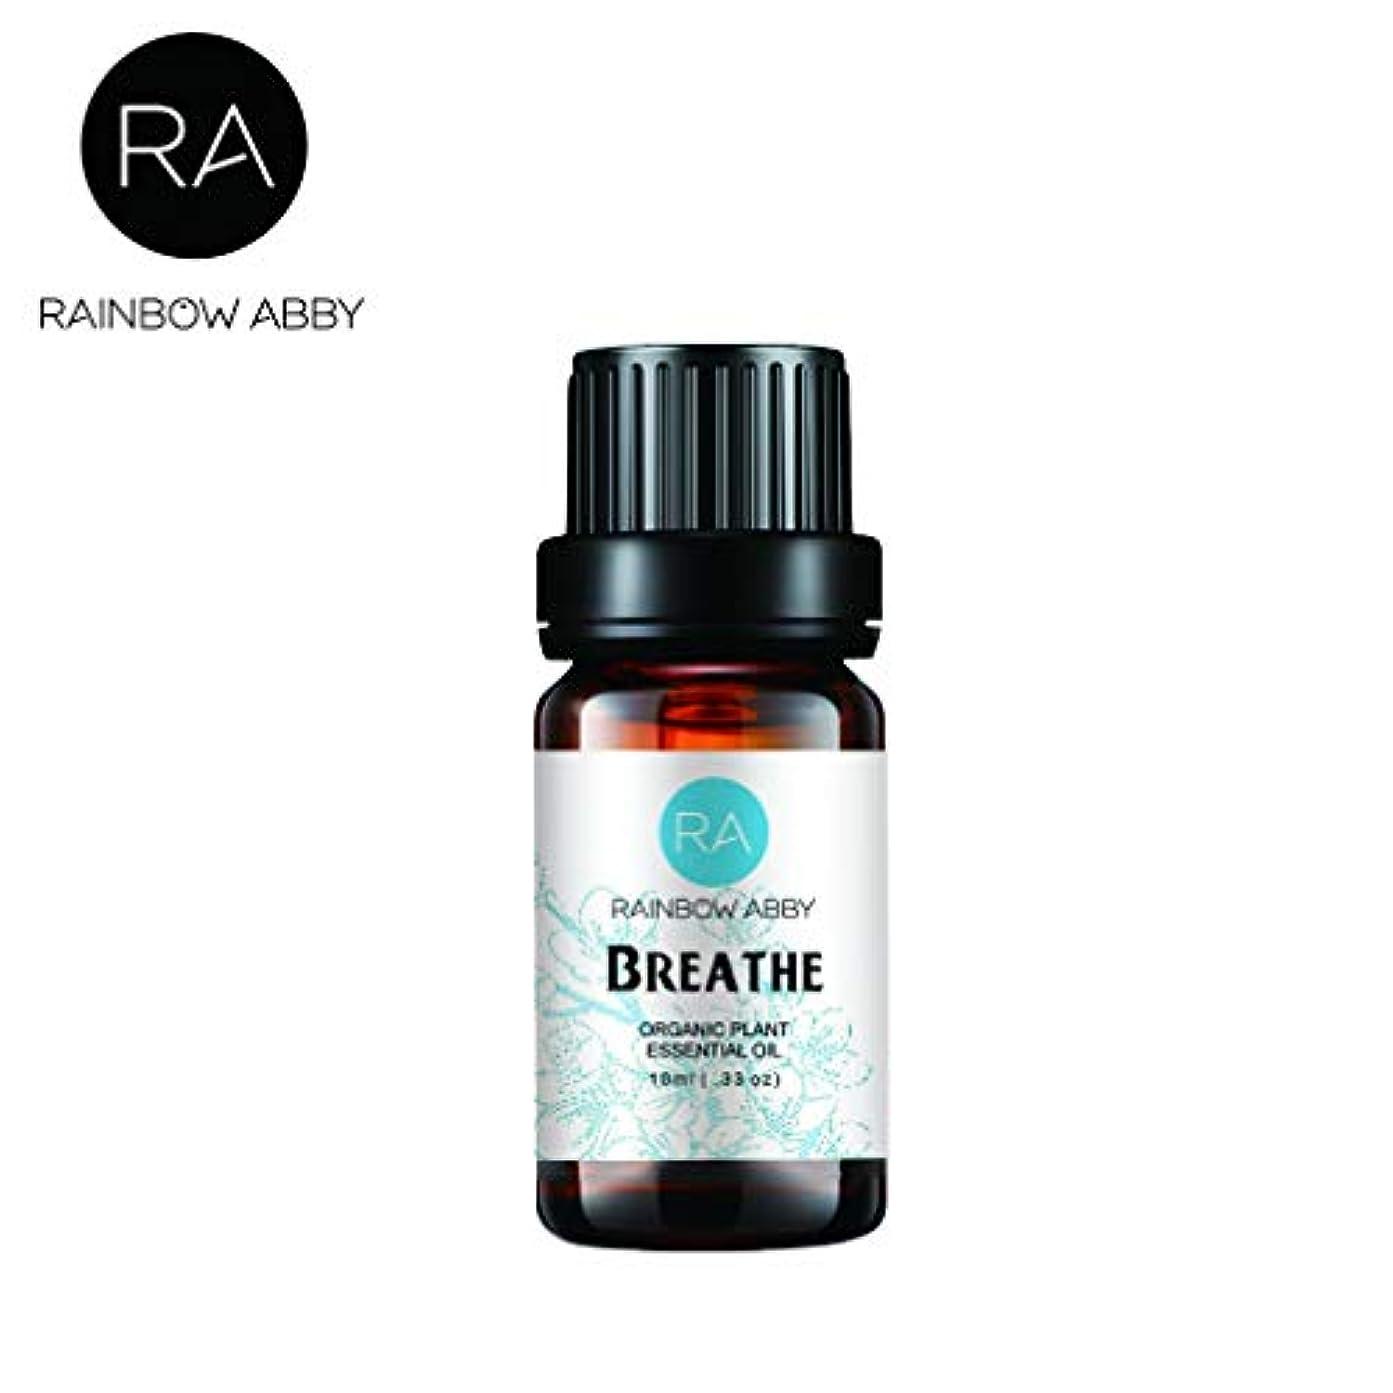 RAINBOW ABBY 呼吸する エッセンシャル オイル - 100% ピュア ベスト オーガニック 治療 グレード ブレンド エッセンシャル オイル - 10ml